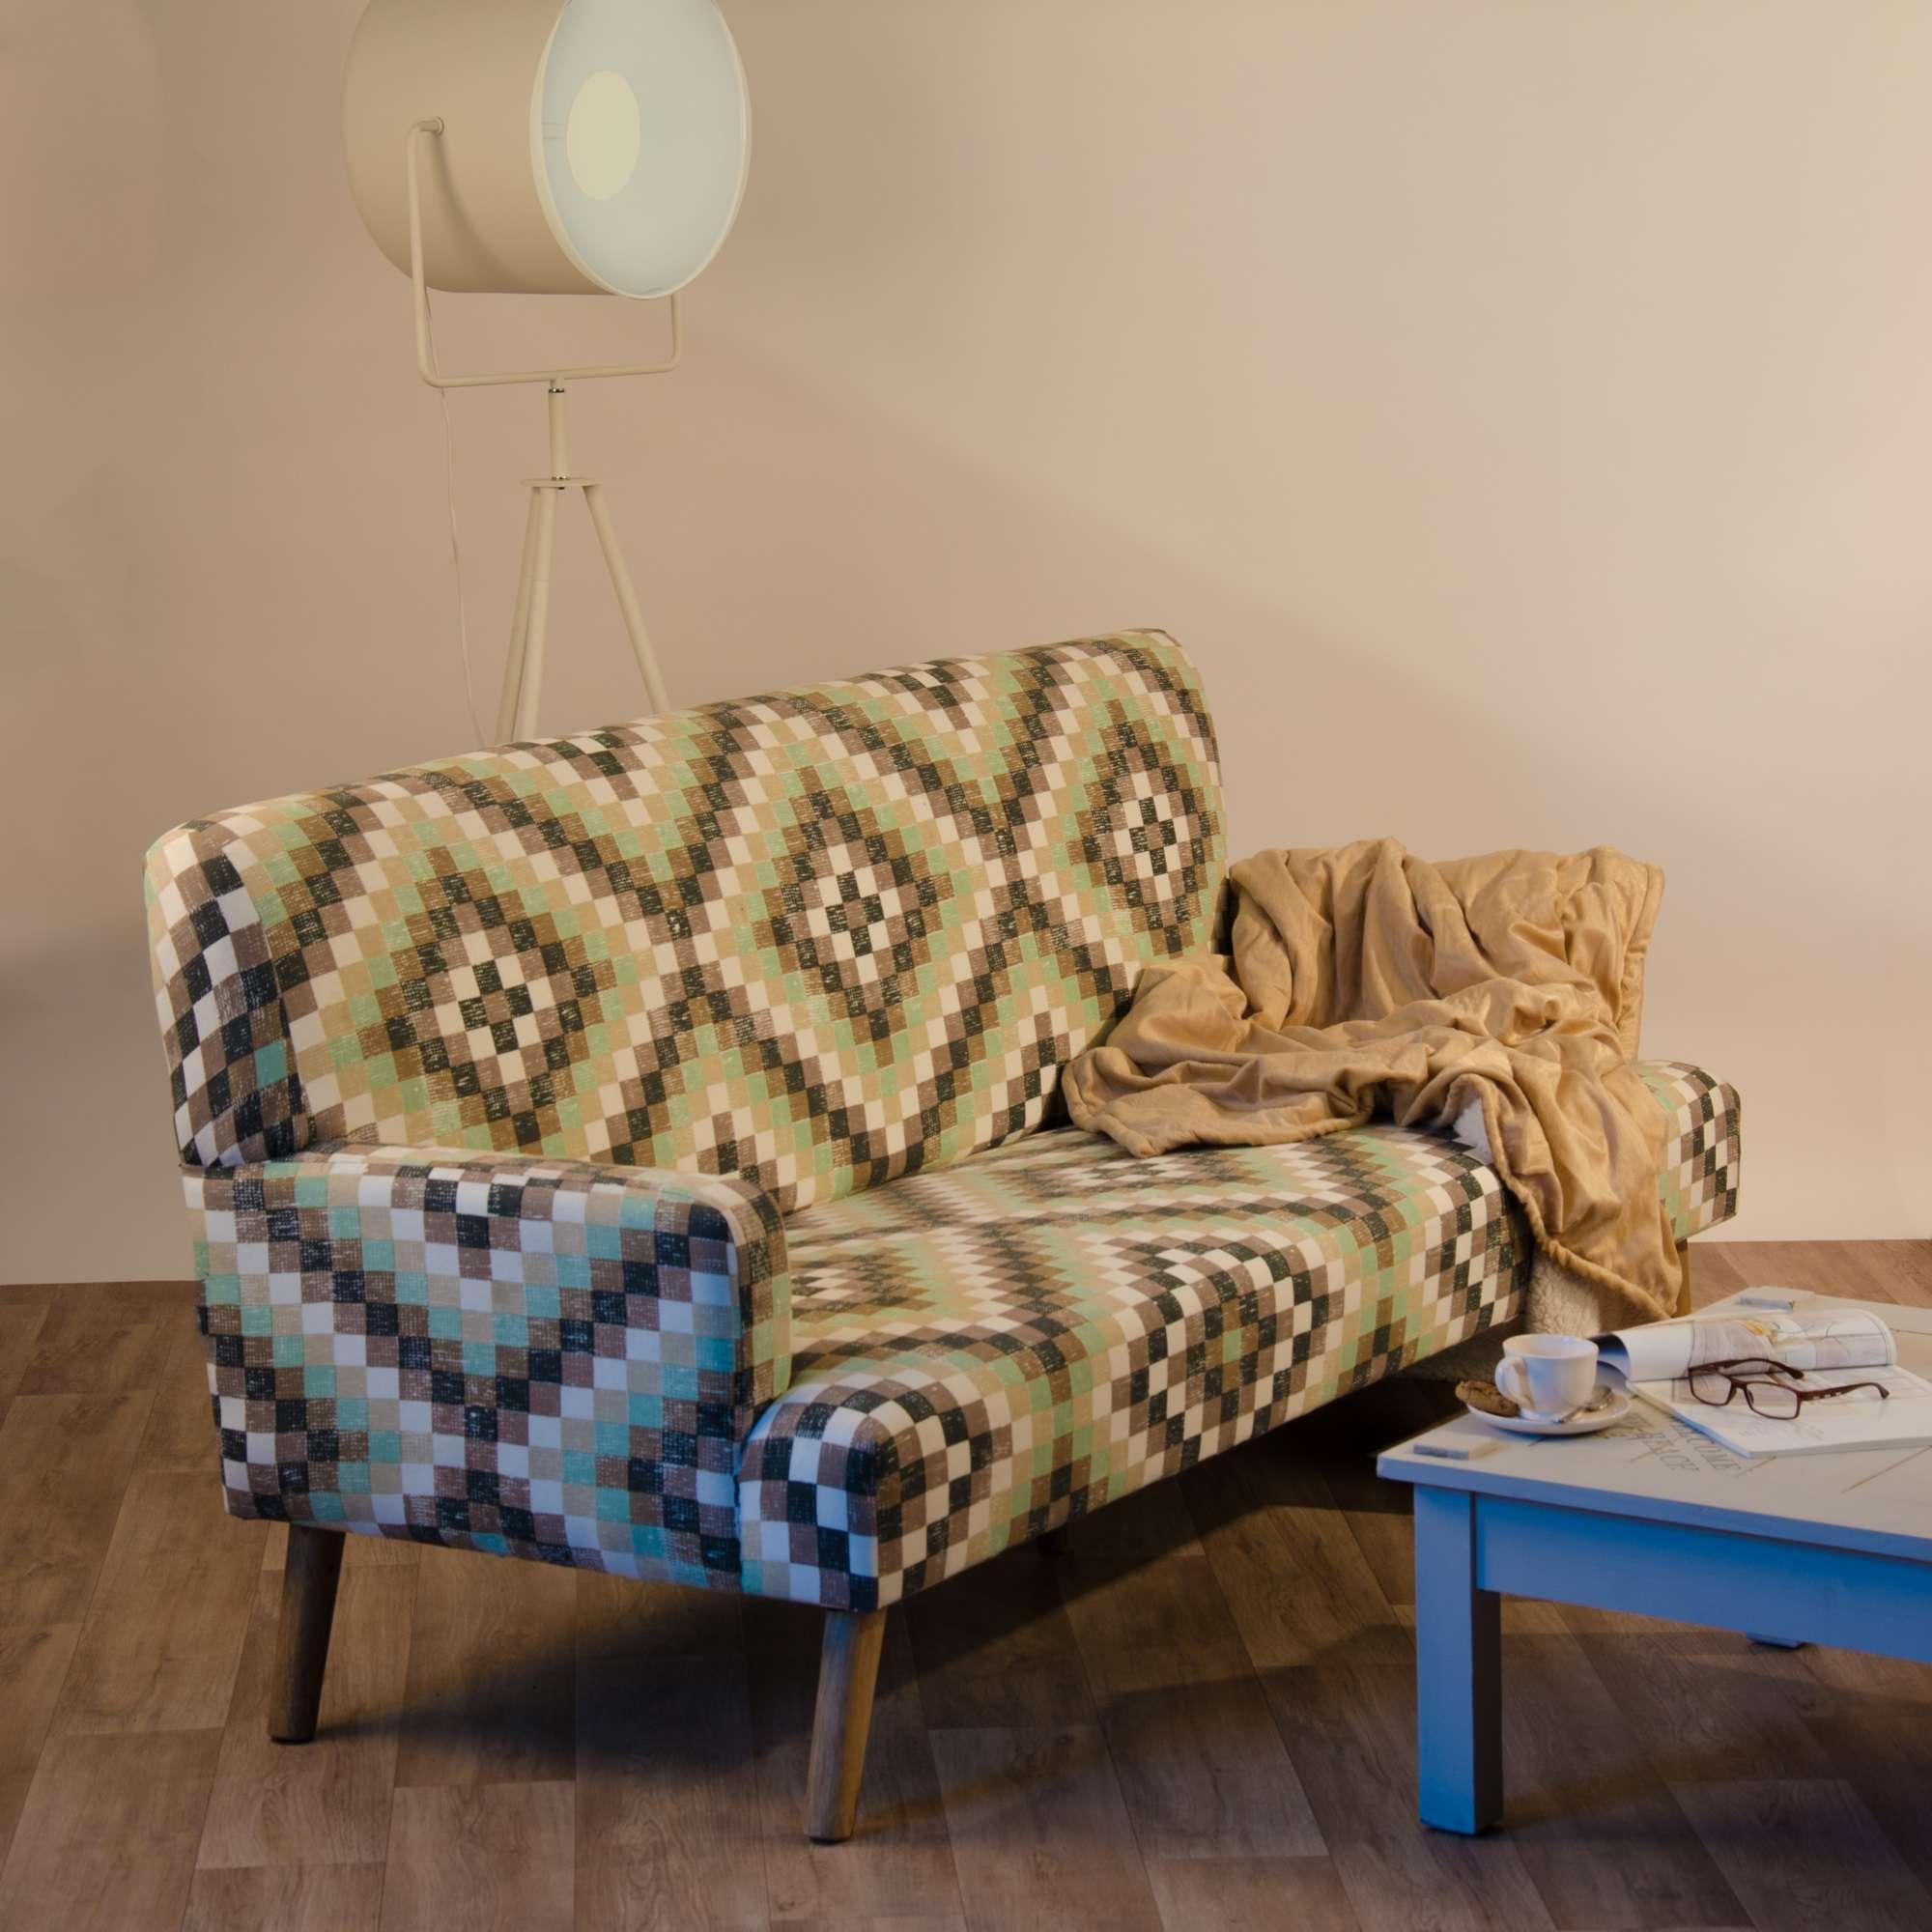 Impressionen Sofa Couch Couchgarnitur Wohnzimmercouch Retrolook Mangoholz Ebay